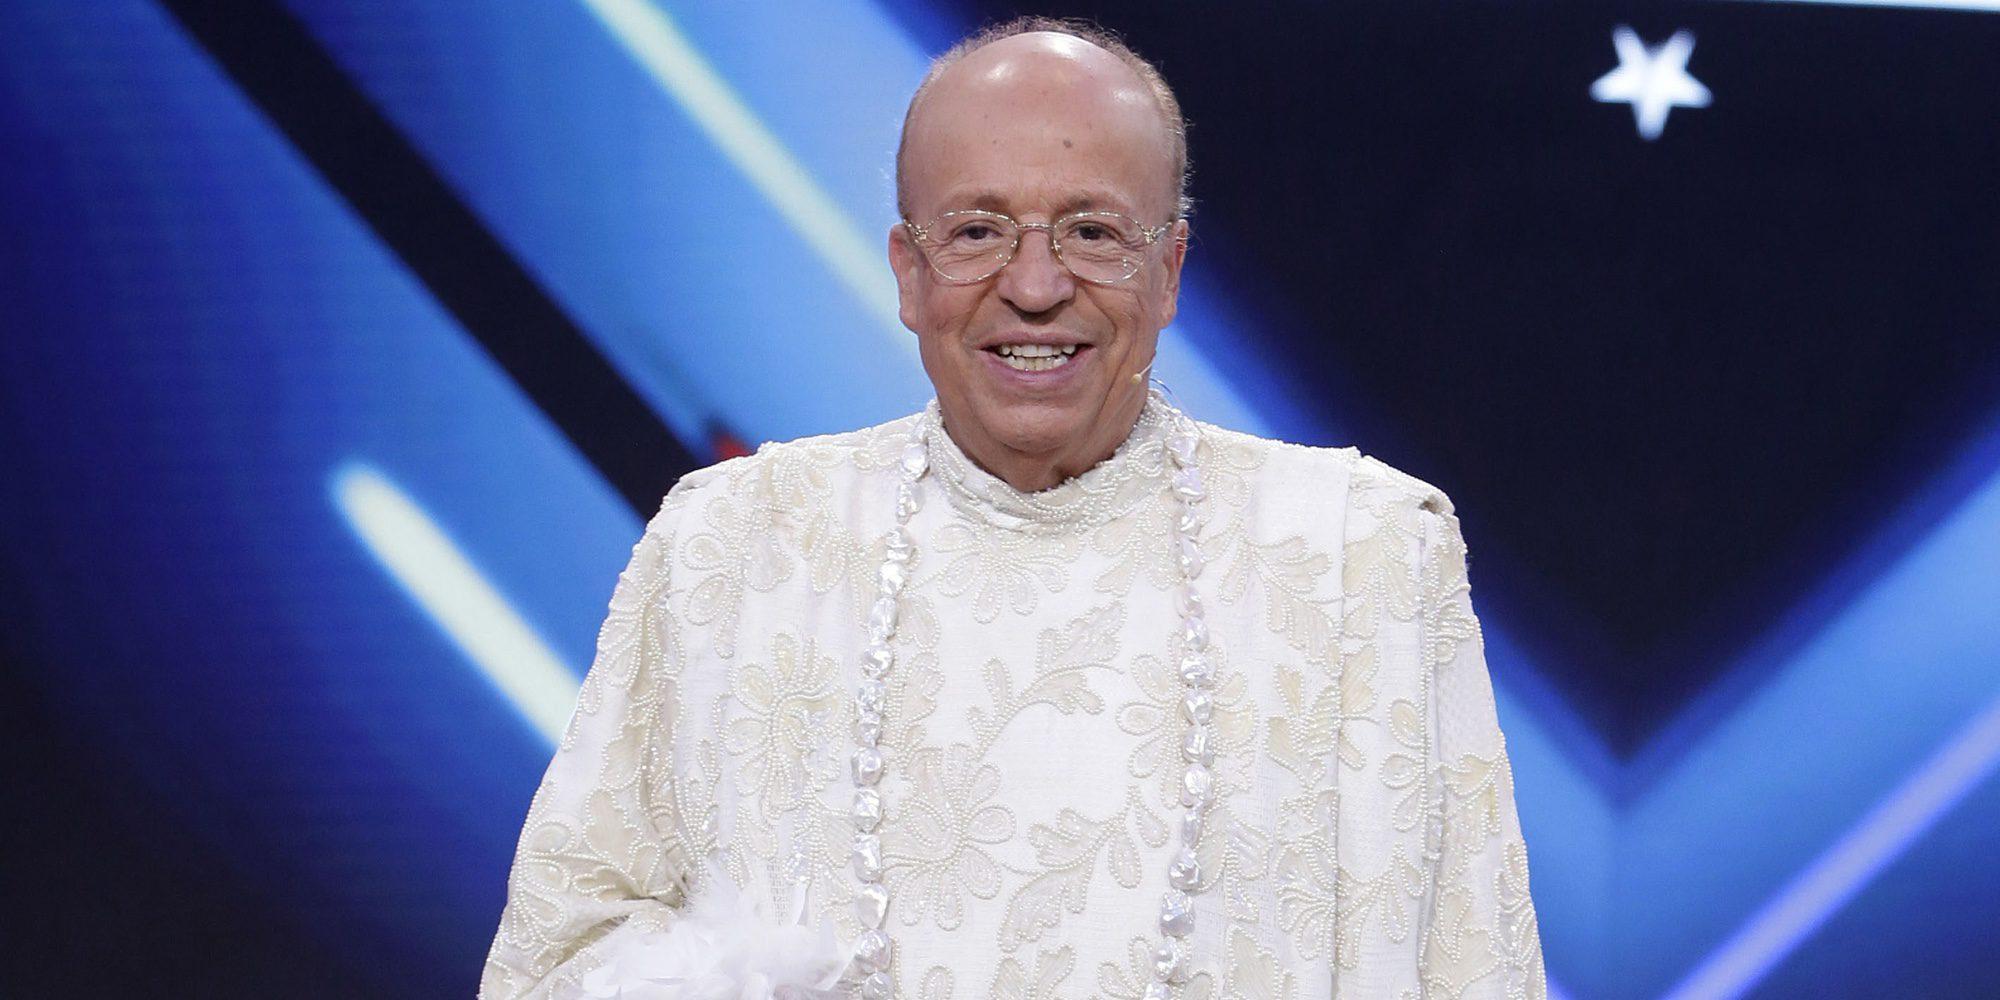 Rappel comparte con sus seguidores su encuentro con el Rey Juan Carlos